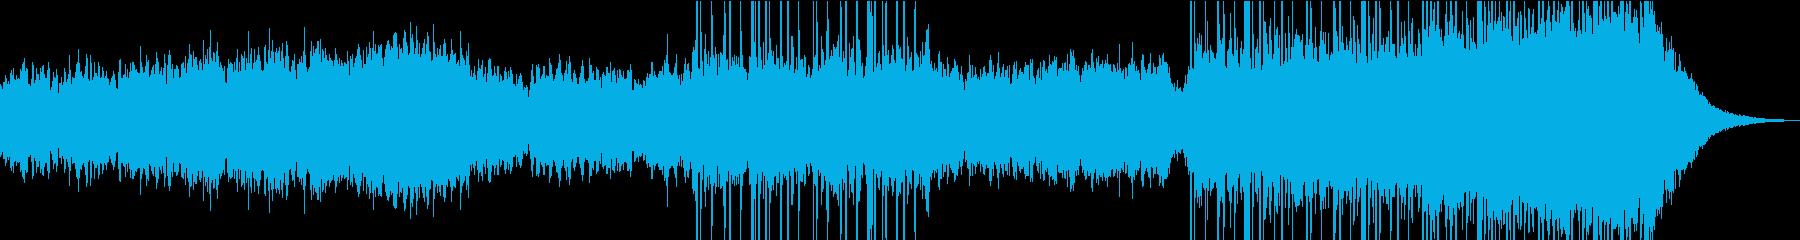 実験的 アンビエントミュージック ...の再生済みの波形